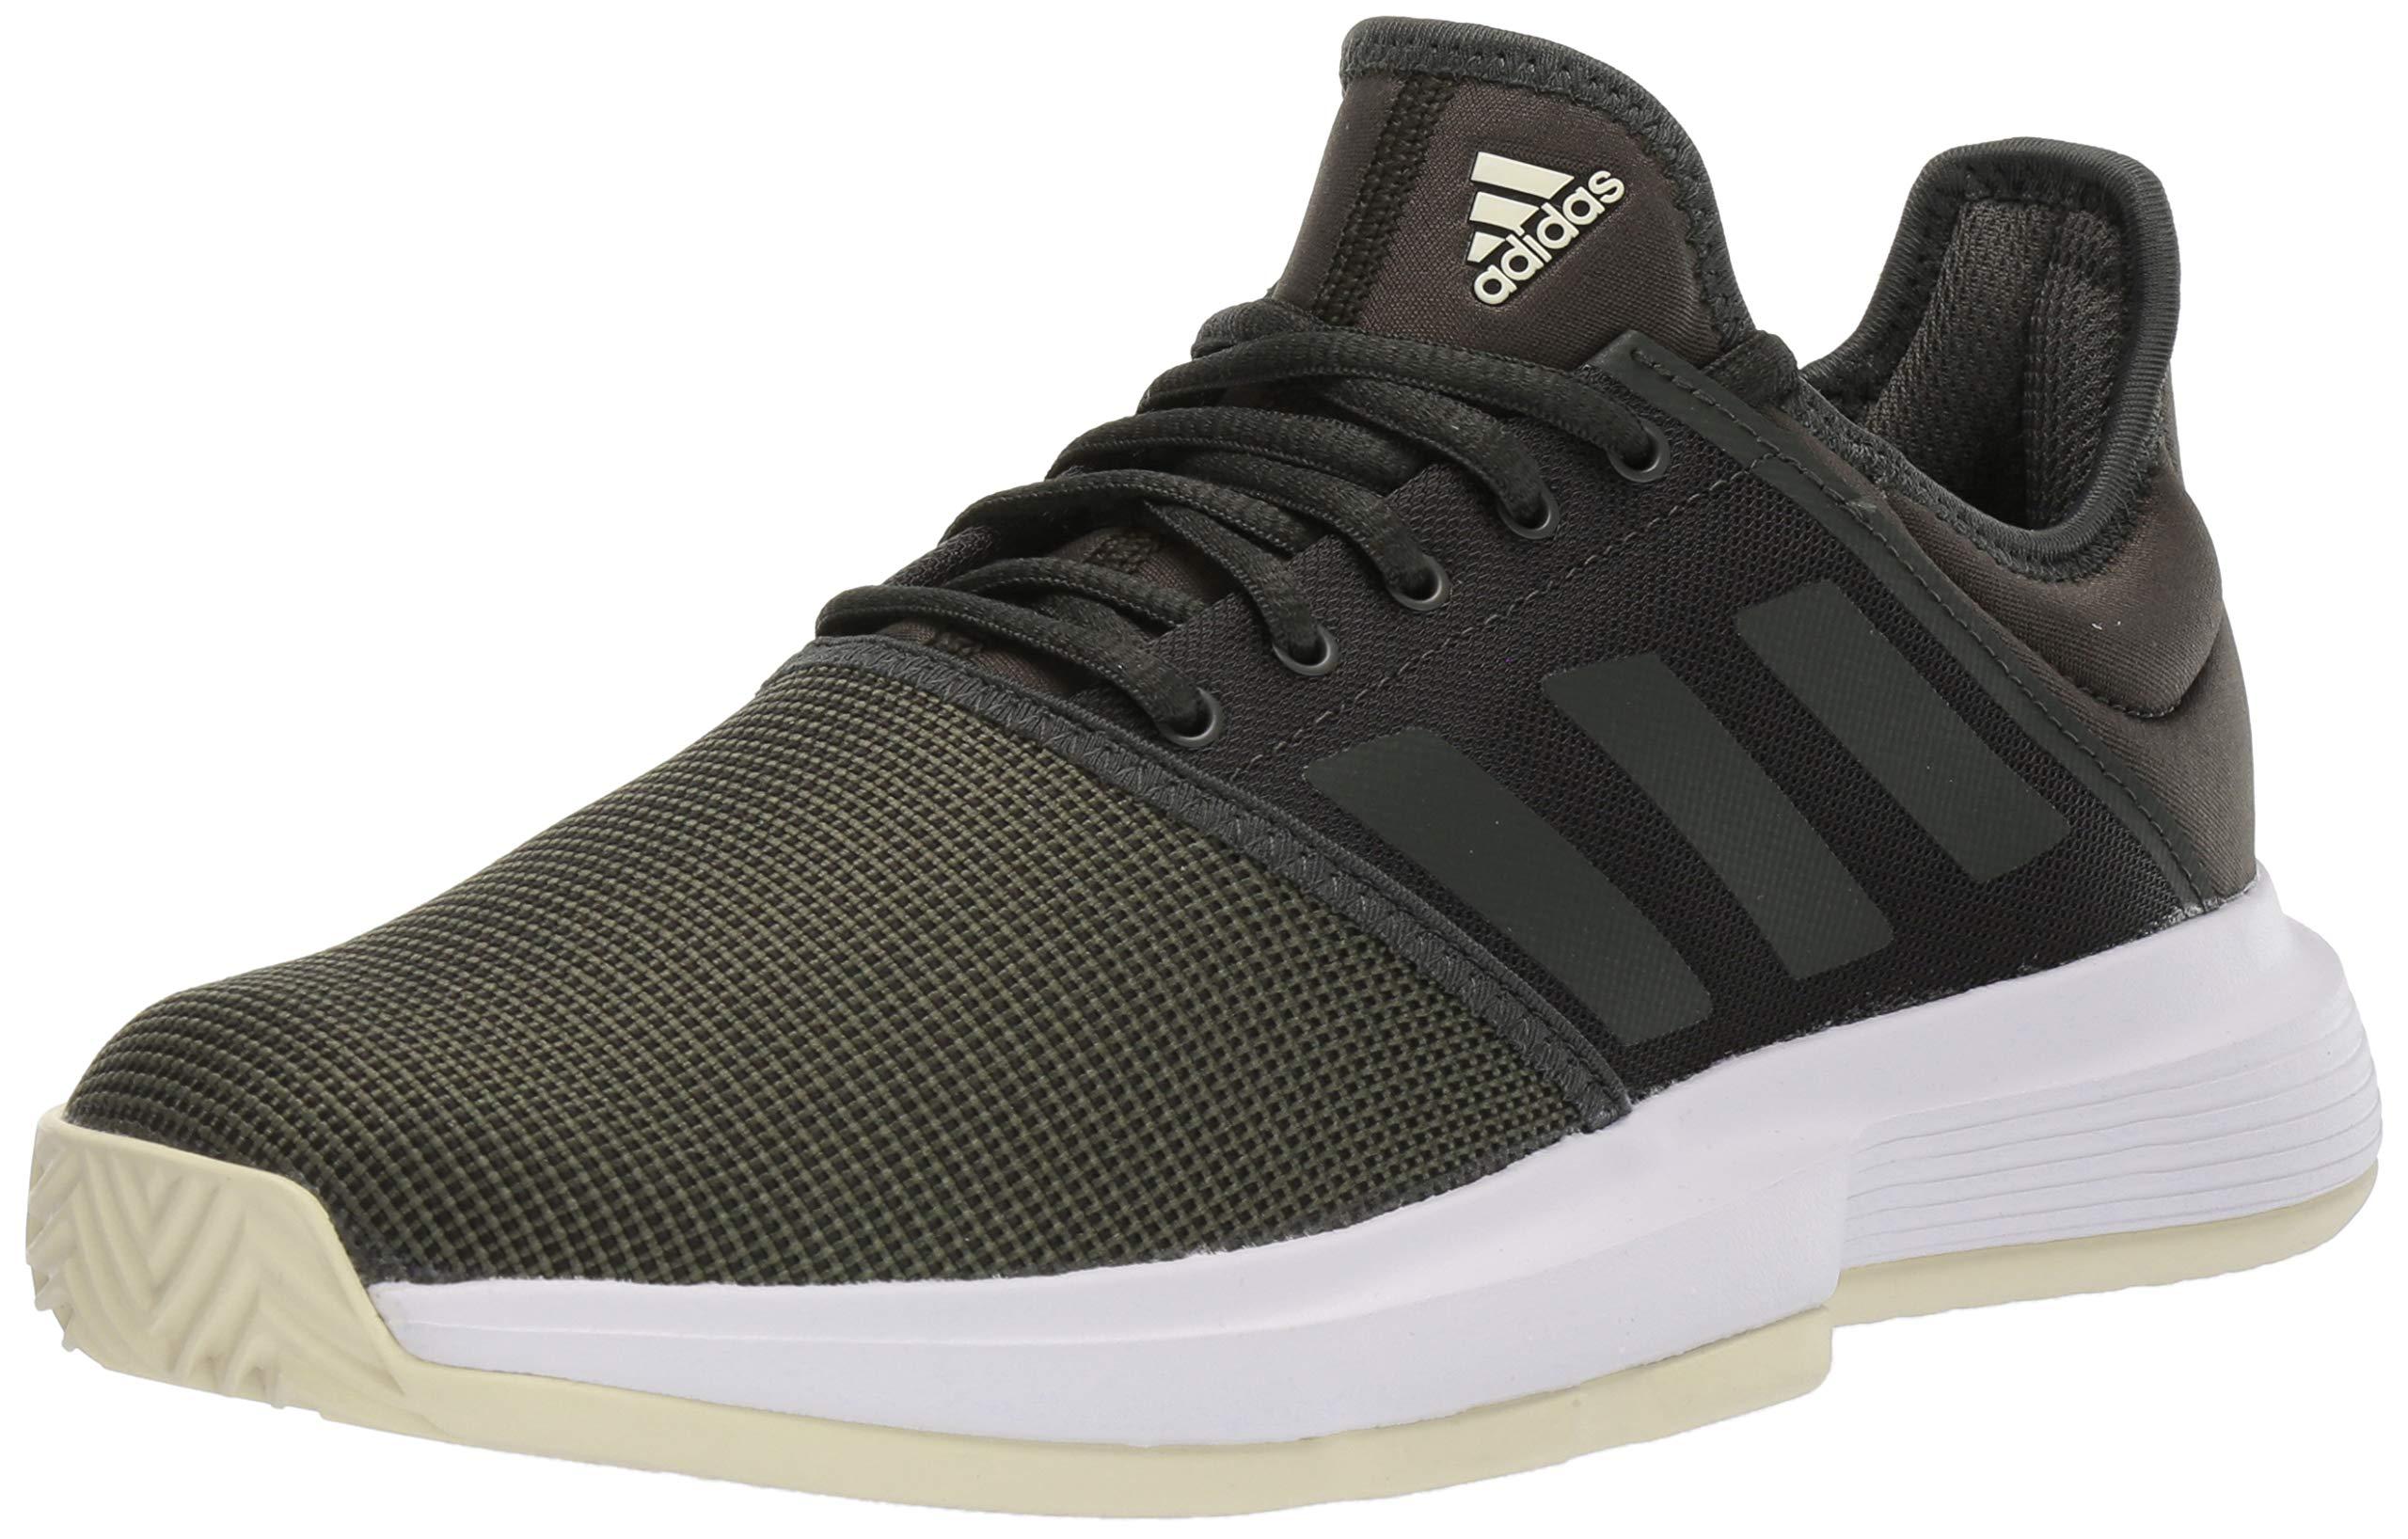 adidas Women's GameCourt Tennis Shoe, Legend Earth/Linen, 7 M US